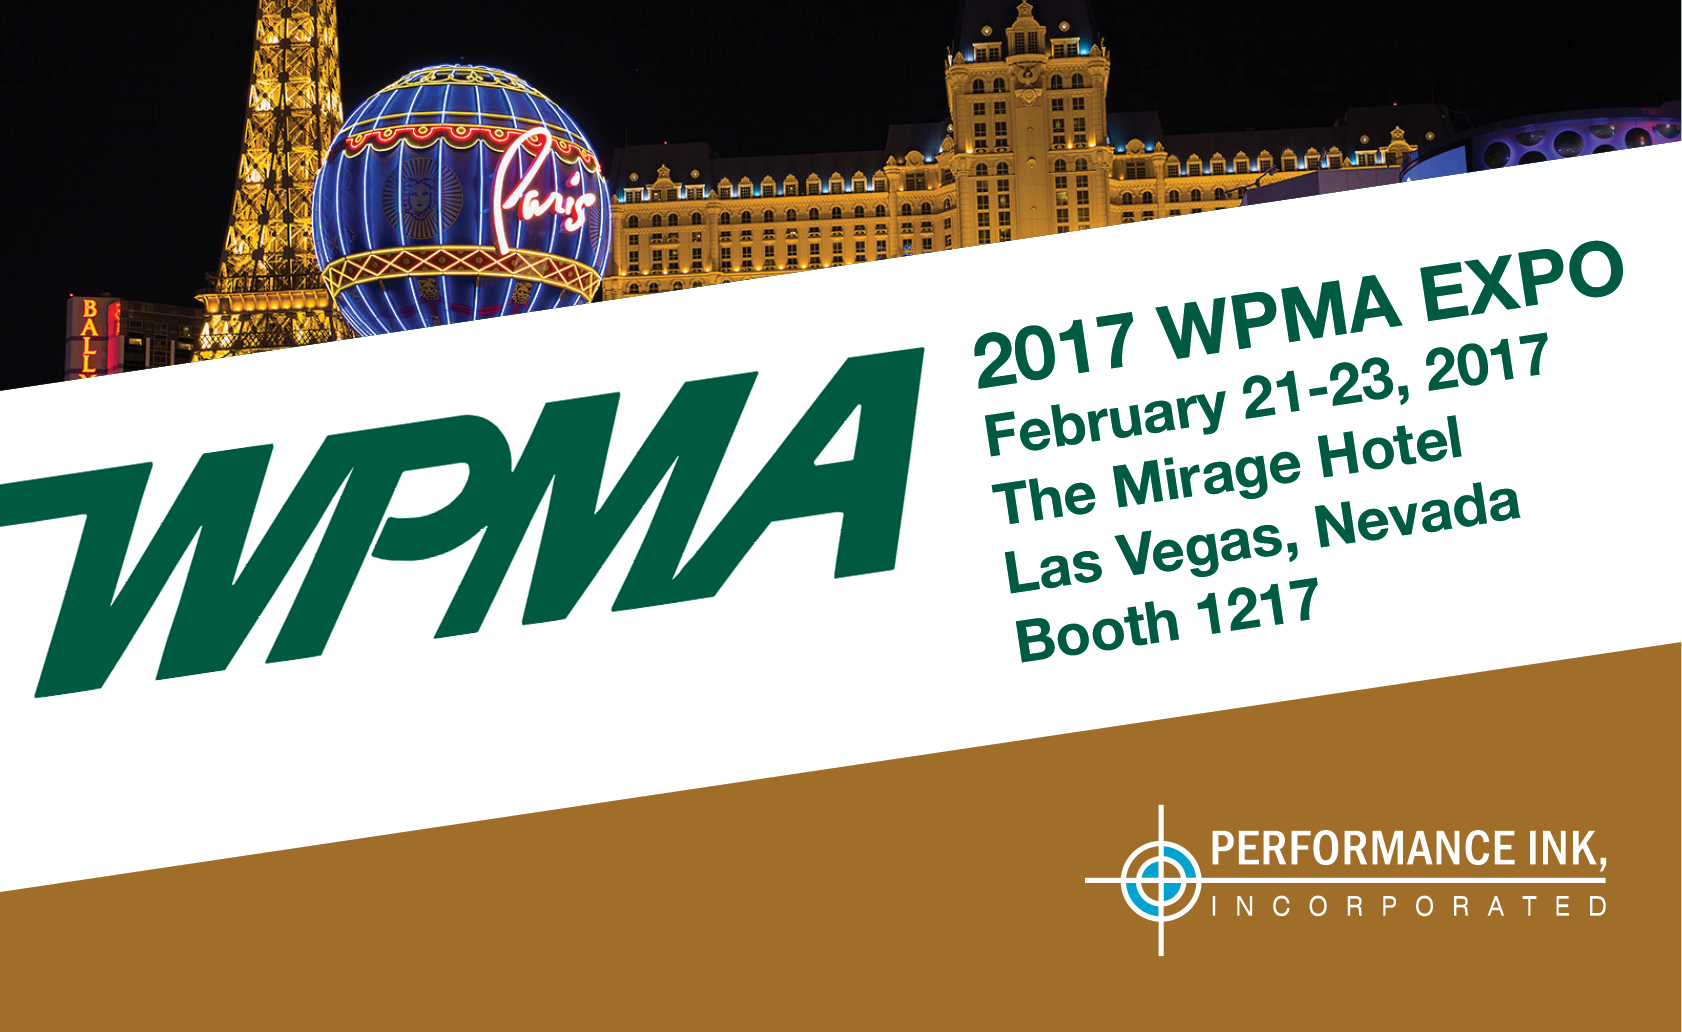 2017 WPMA Expo